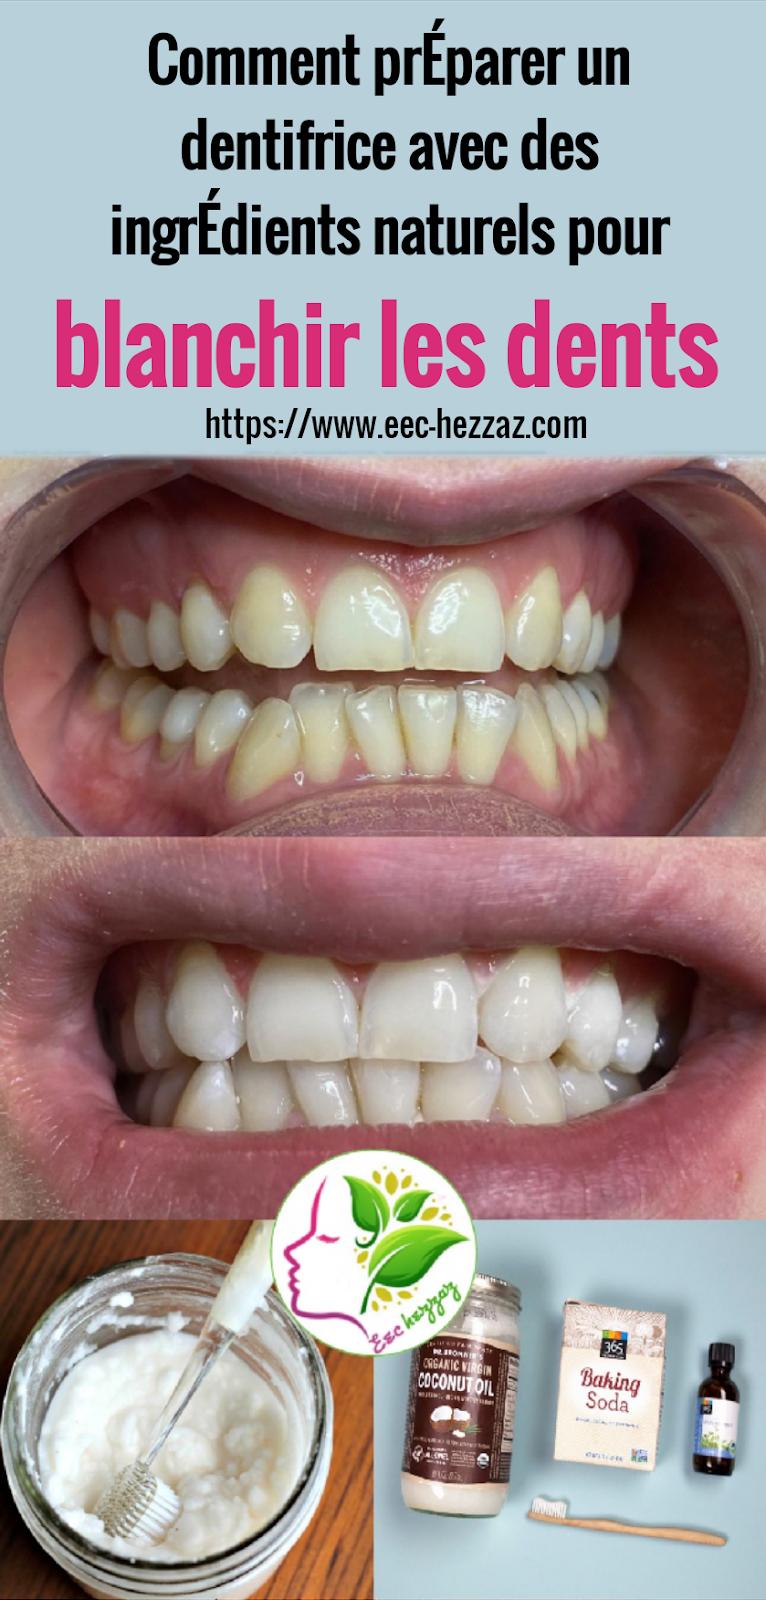 Comment préparer un dentifrice avec des ingrédients naturels pour blanchir les dents